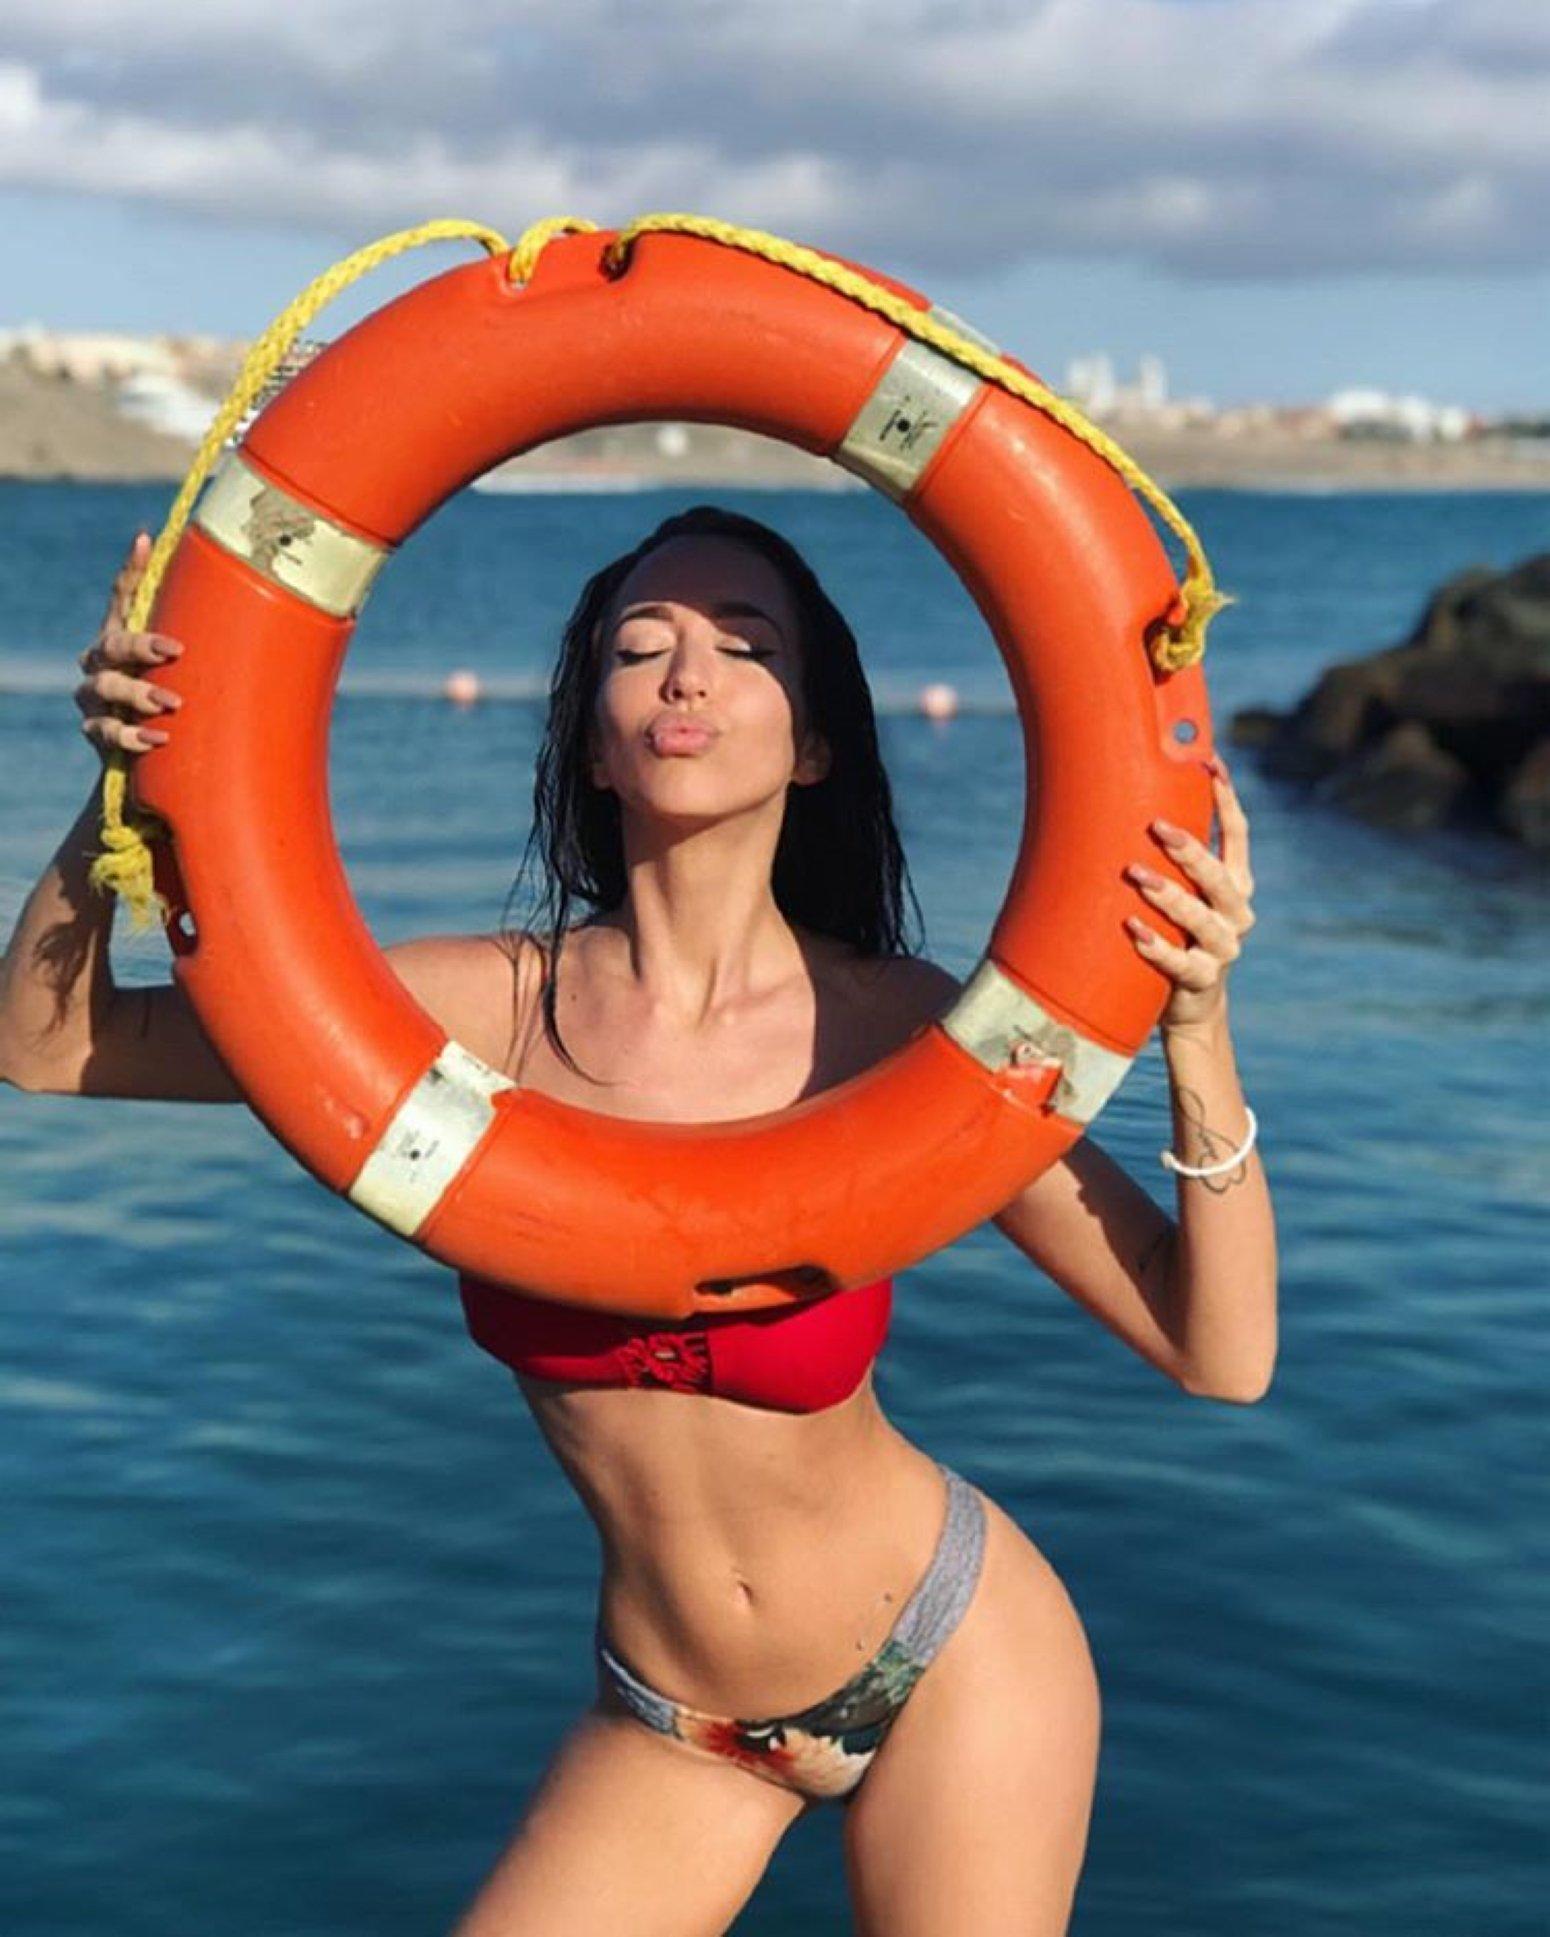 El topless más absurdo de Aurah Ruiz: Ya no sabe cómo llamar la atención